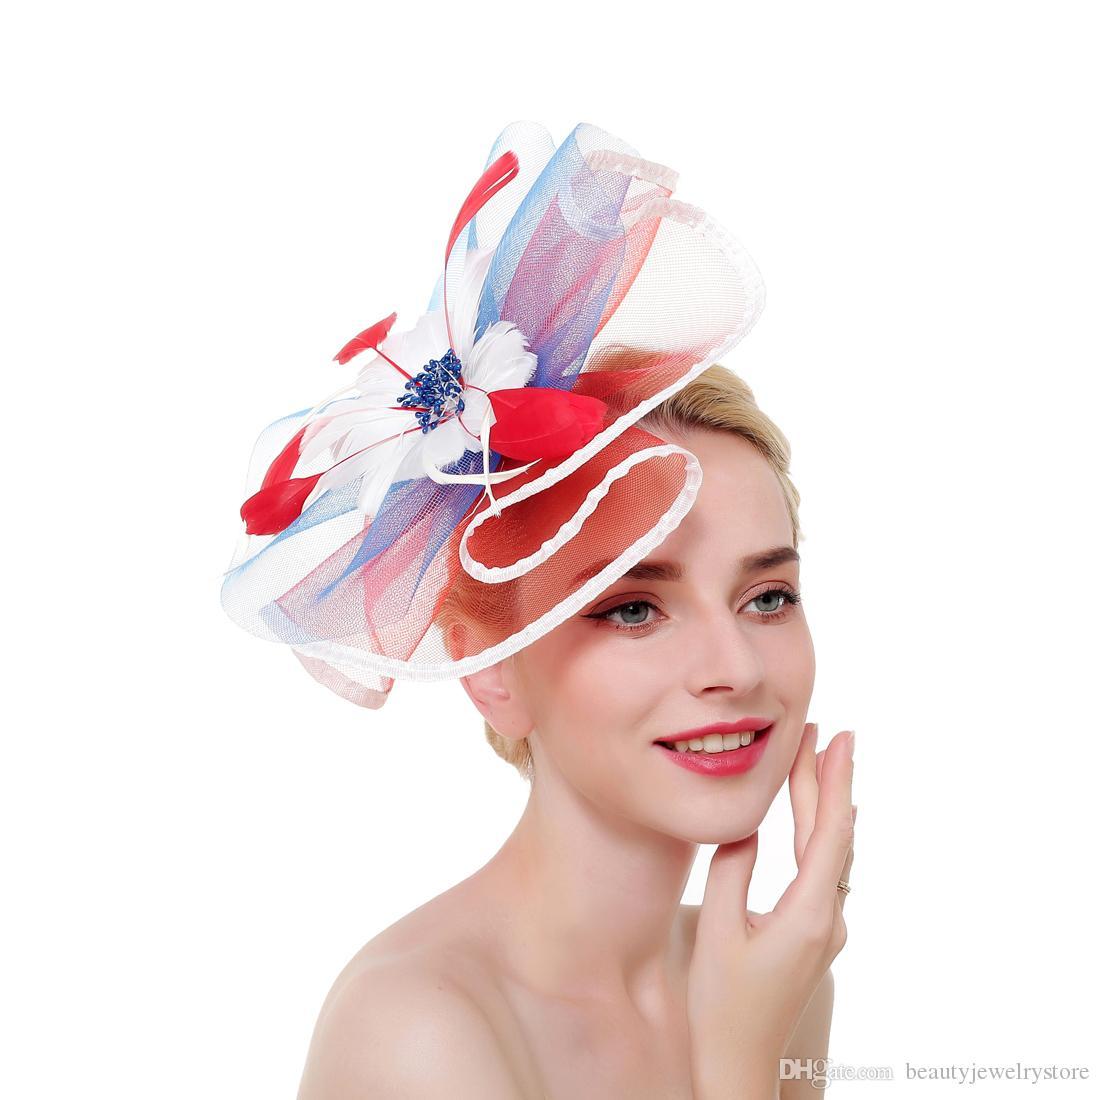 Compre Colorido Sombreros De Tul Para Mujeres Formales Sombreros De Fiesta  Accesorios Plumas Con Cuentas Elegante Fiesta De Boda Desgaste De La Cabeza  ... adc766bdc9a